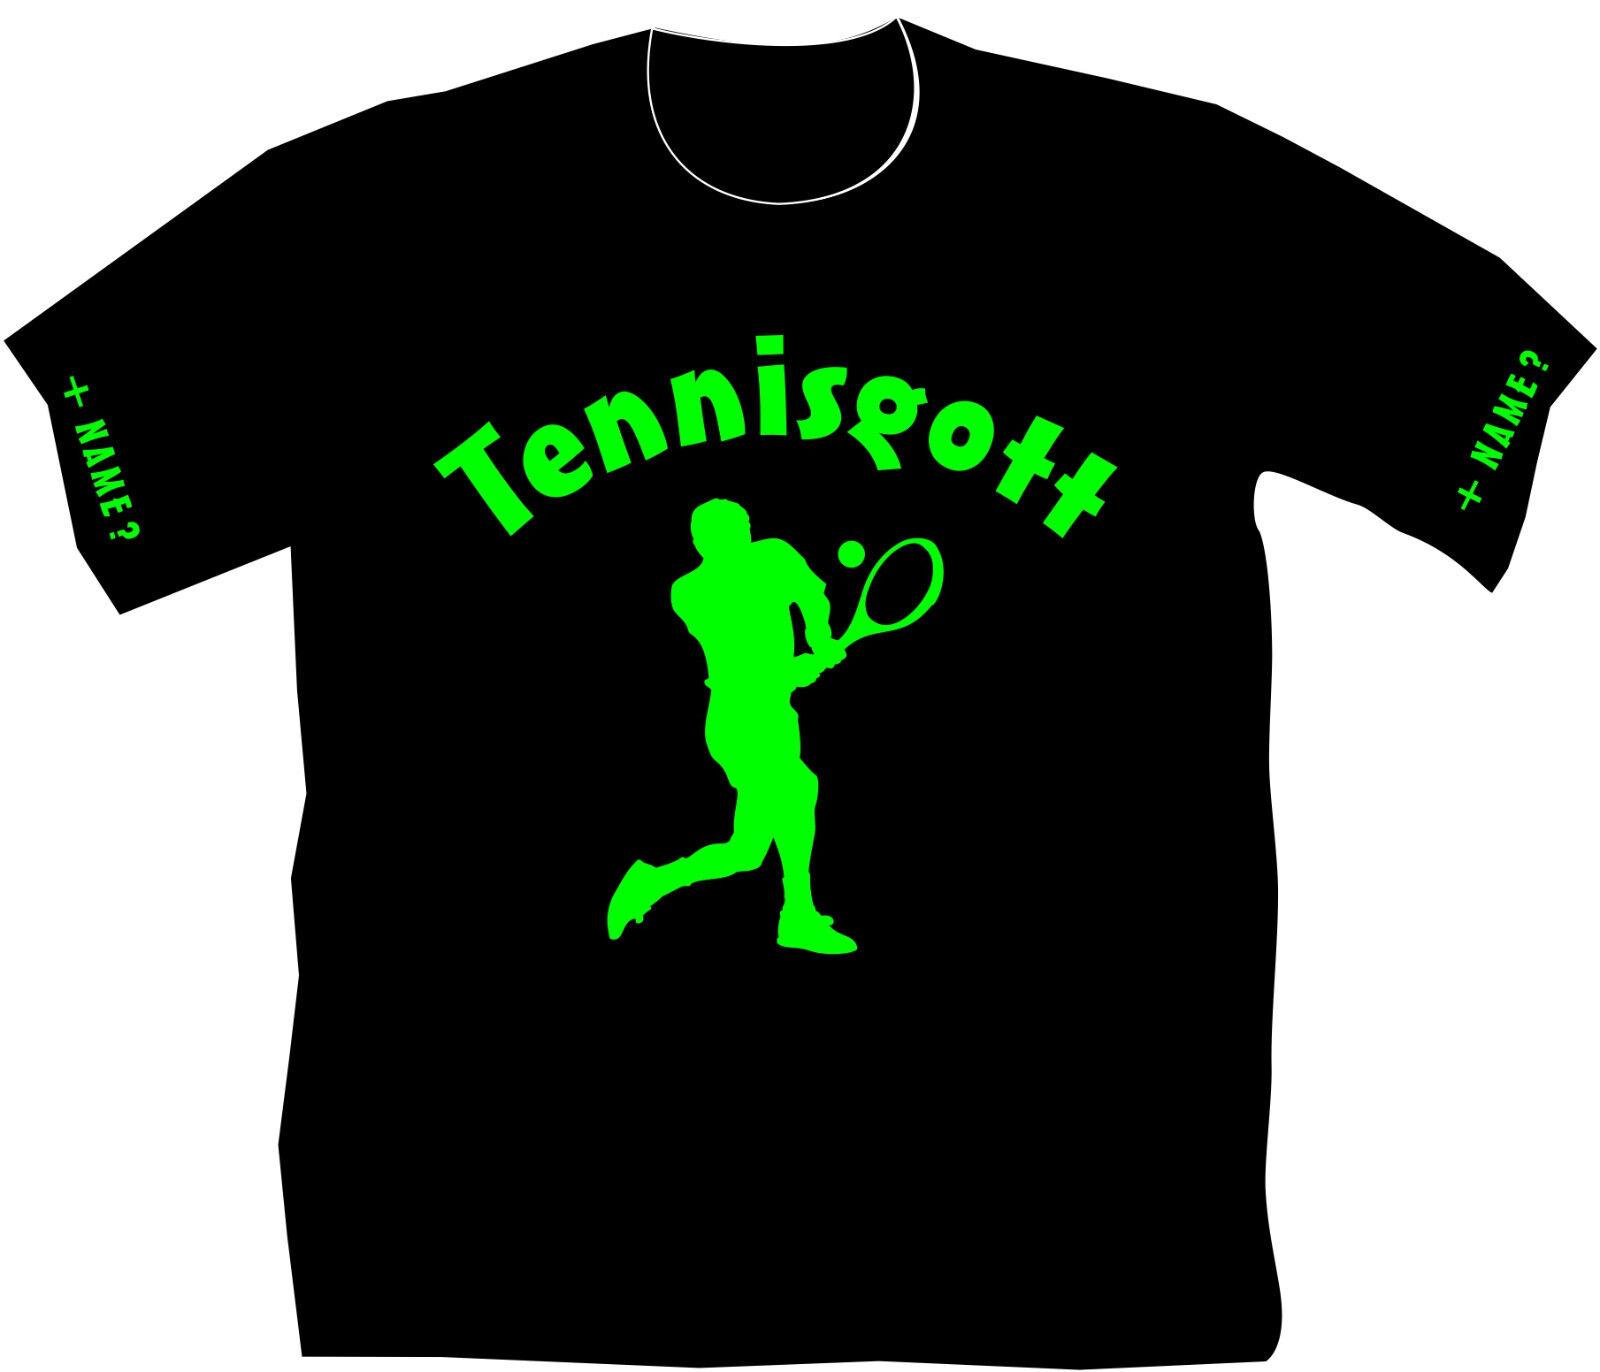 Tennisgott Tennisshirt Tennis T-Shirt Trikot Sportverein Geburtstag Geschenk 9